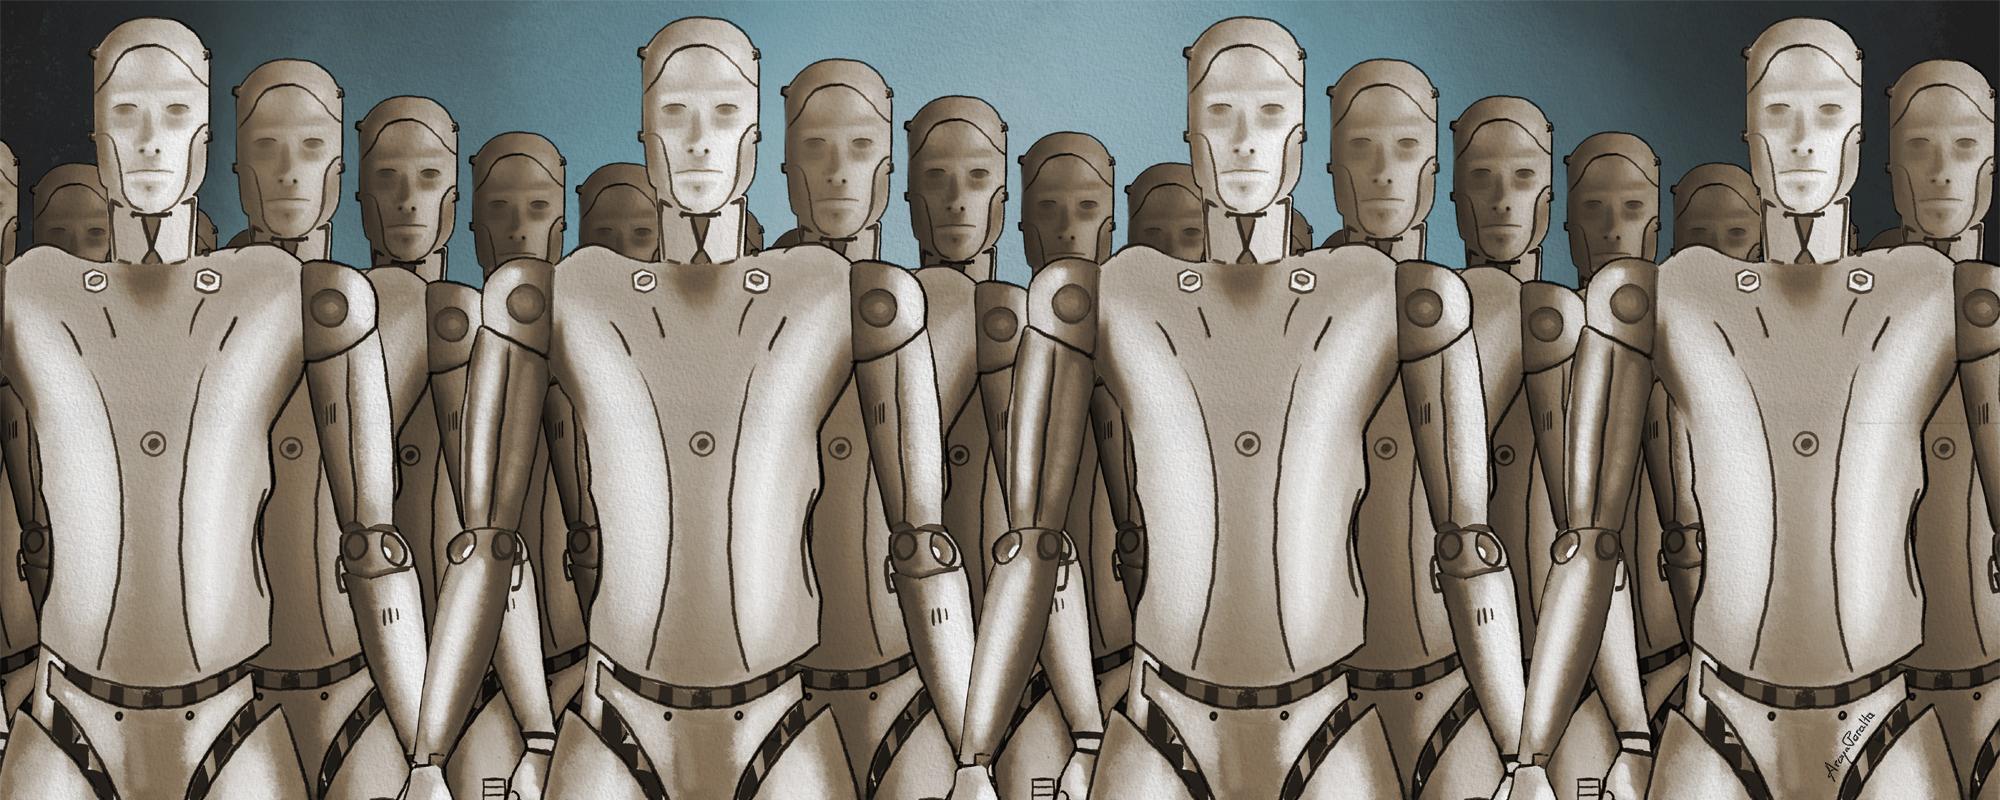 El costat fosc de la intel·ligència artificial